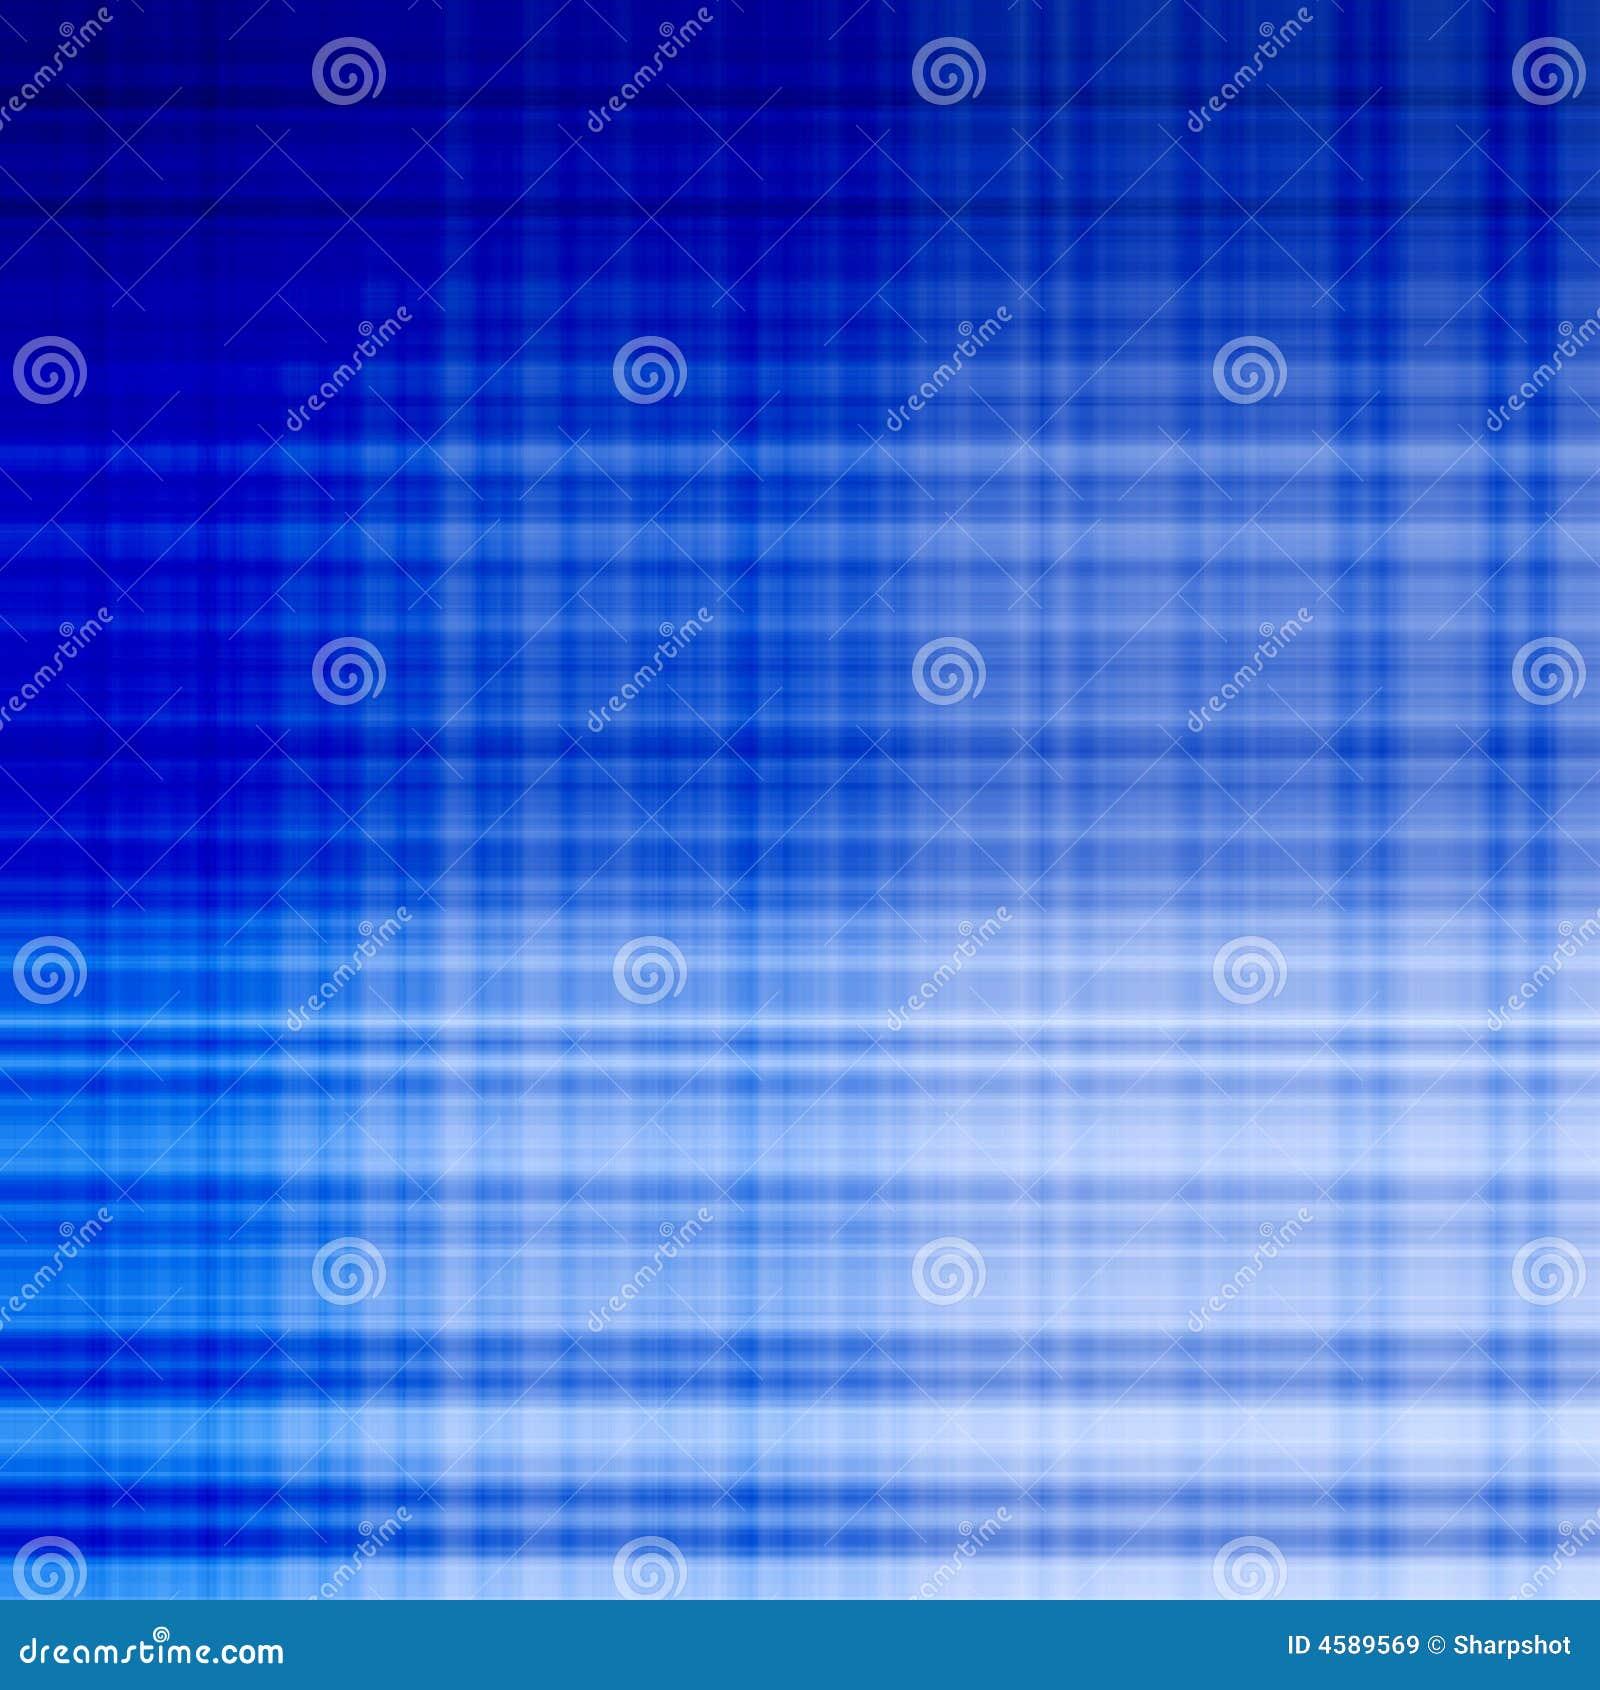 蓝色网格线模式